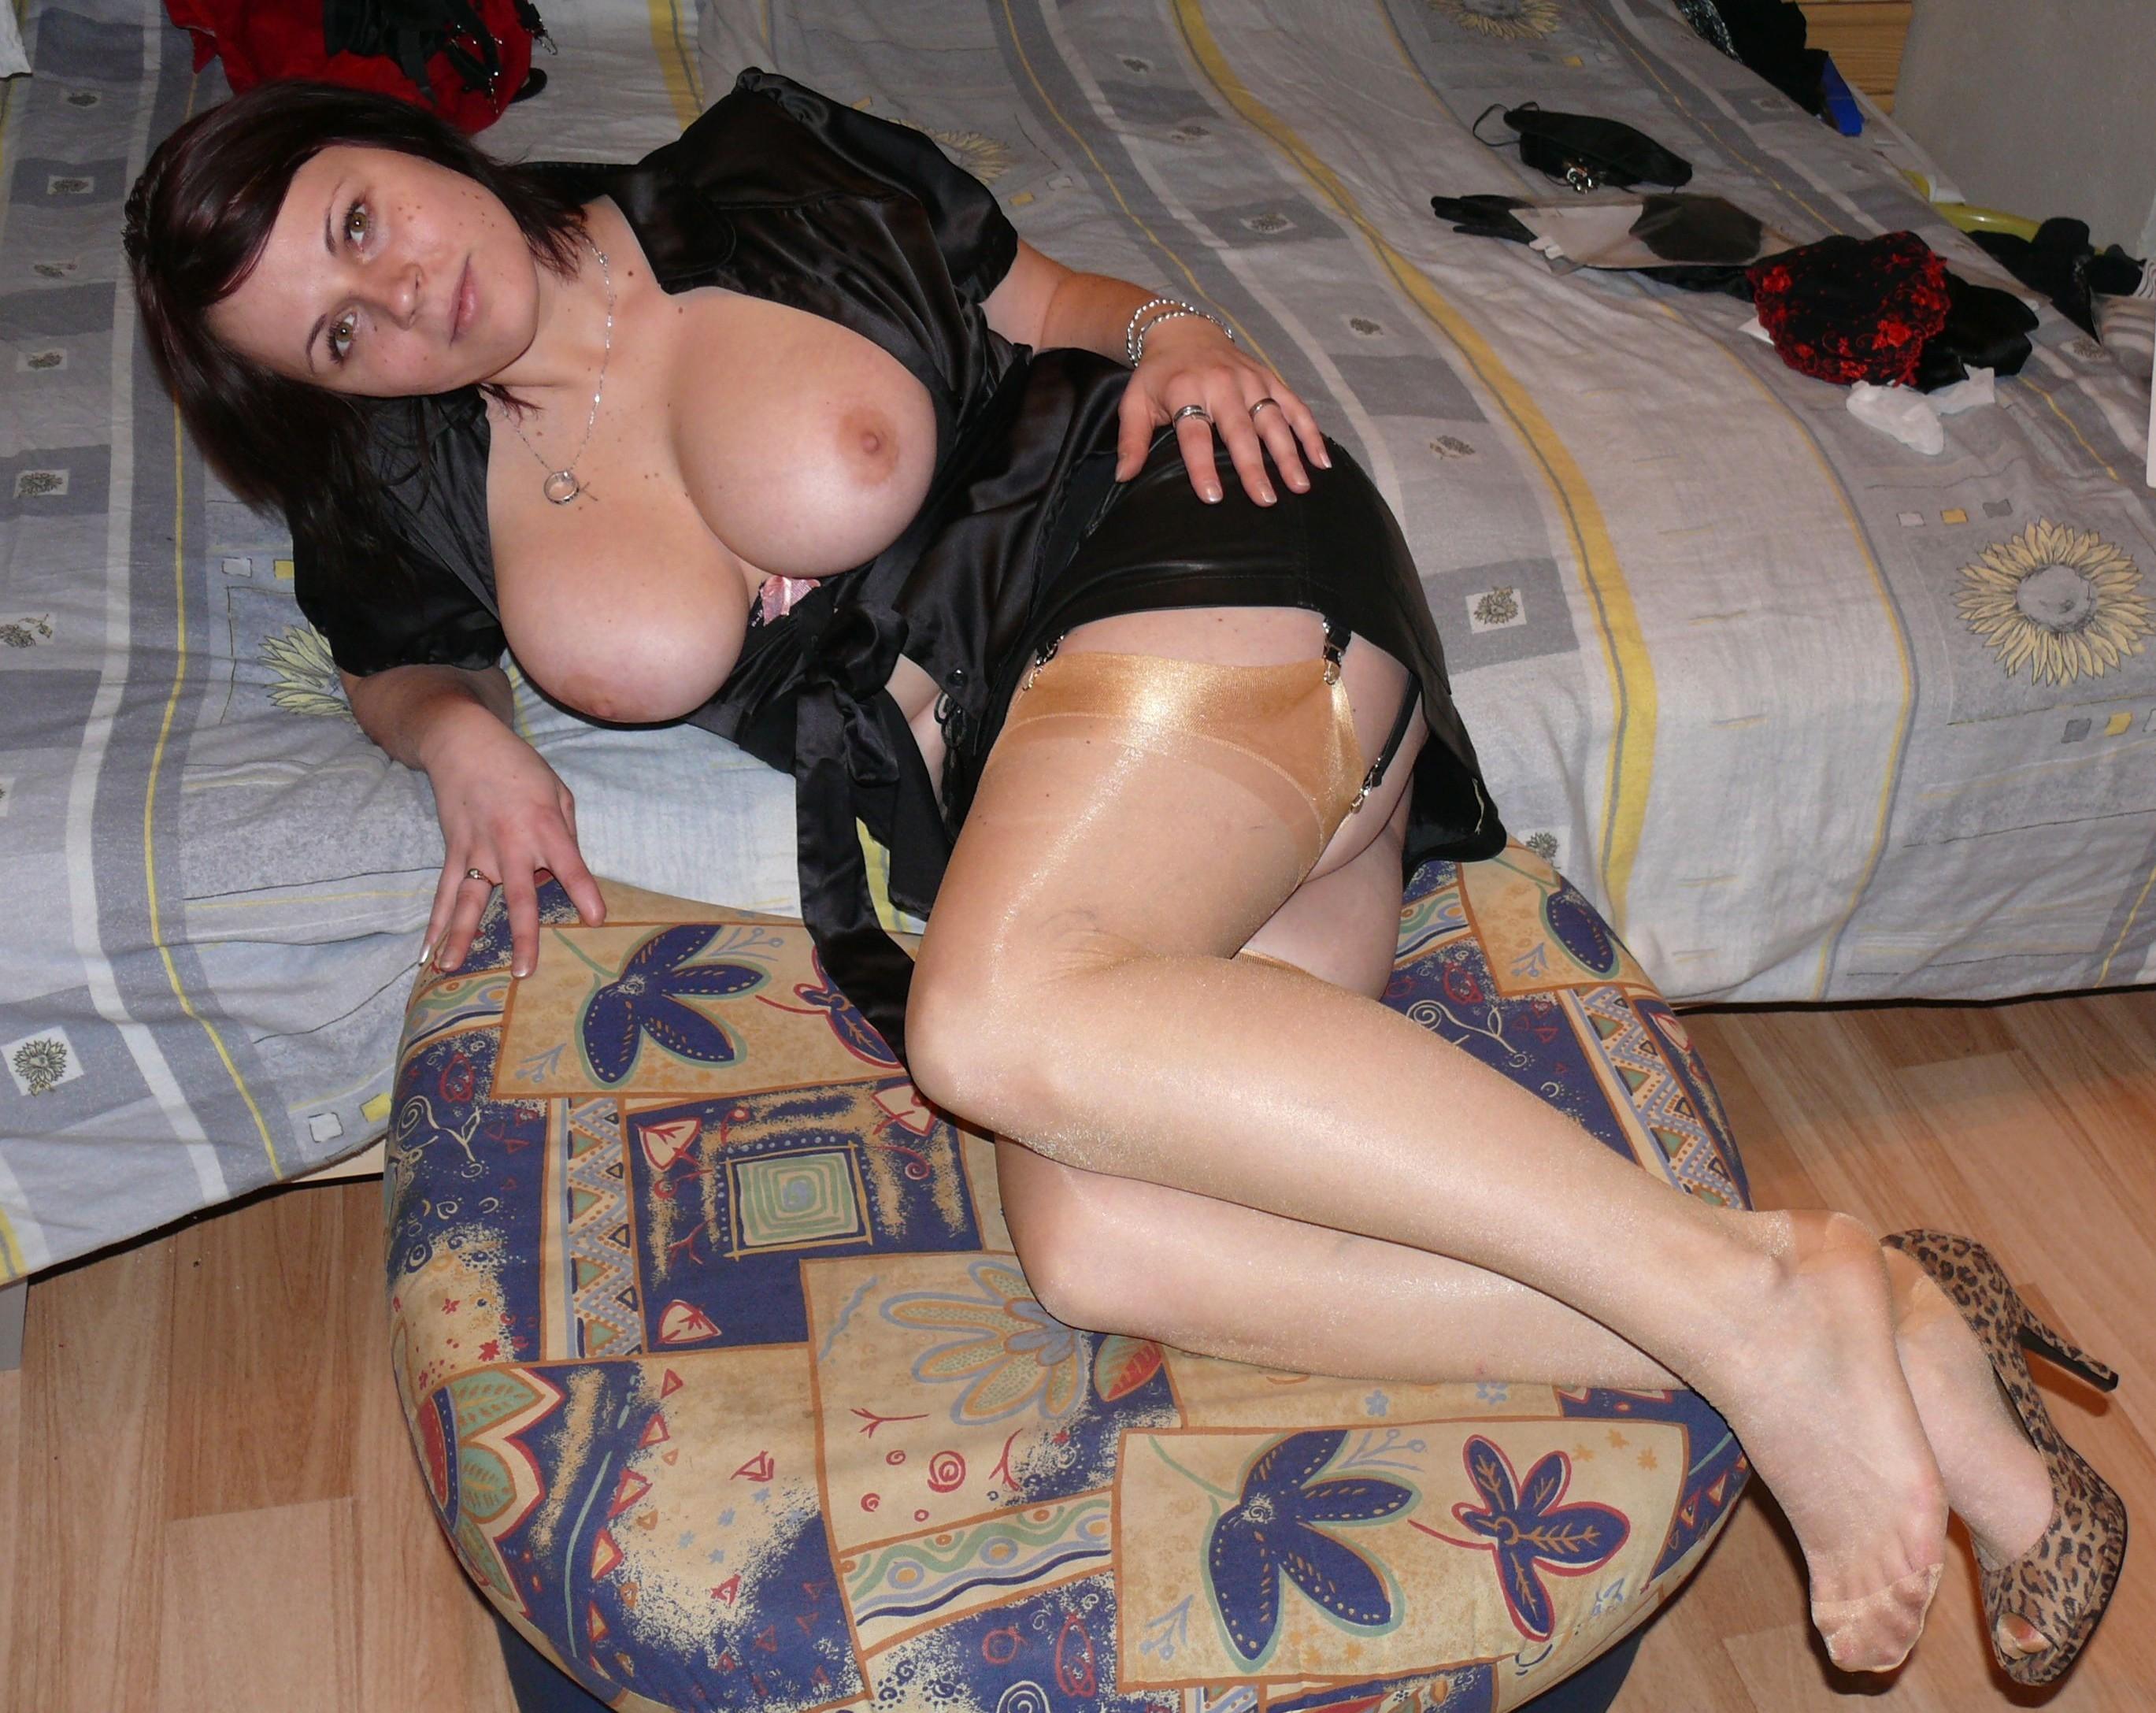 Пьяная с большими сиськами фото 13 фотография